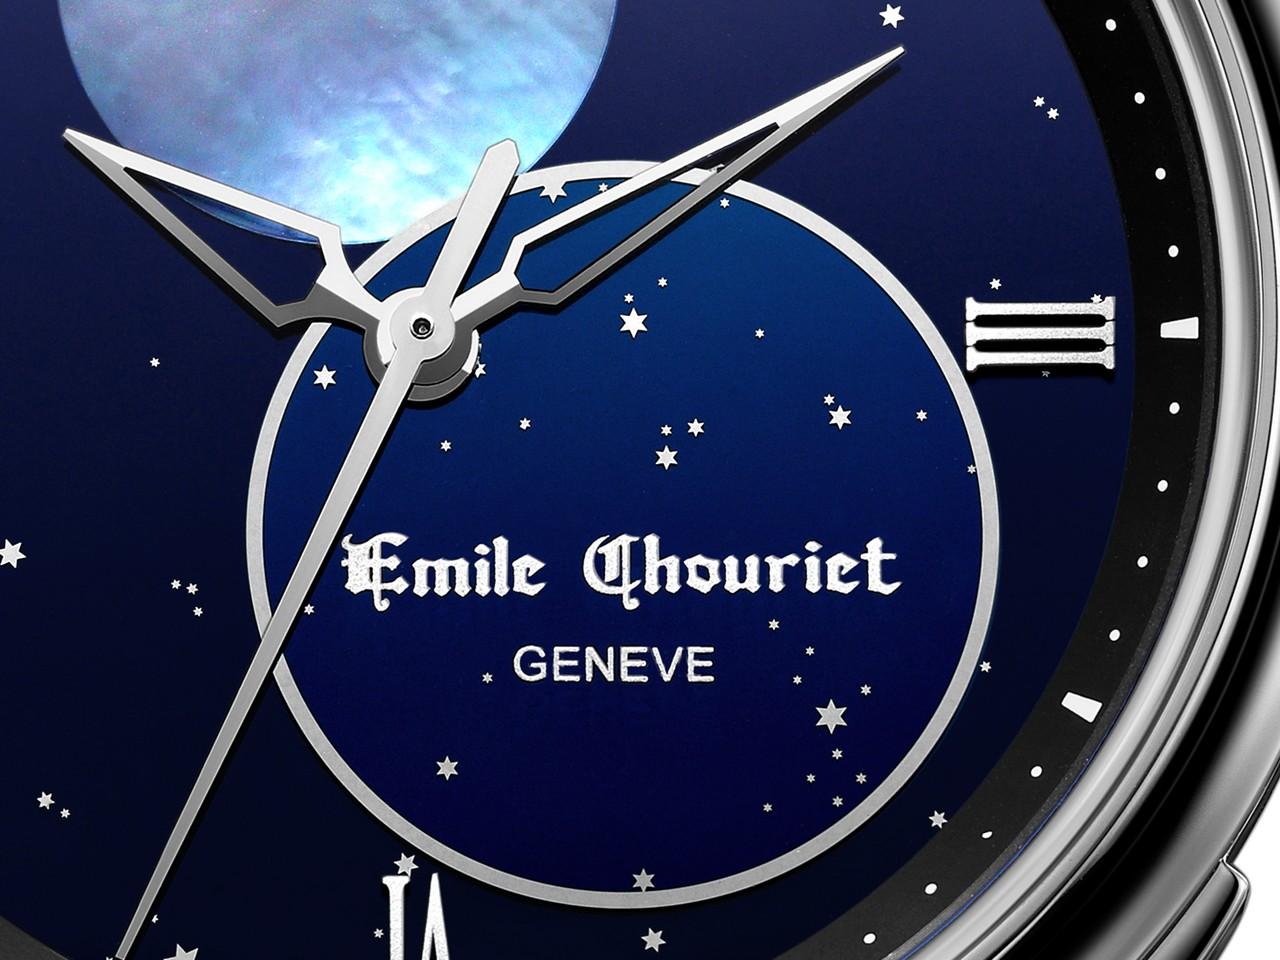 baselworld-2013-emile-chouriet-moonphase_0-100_3